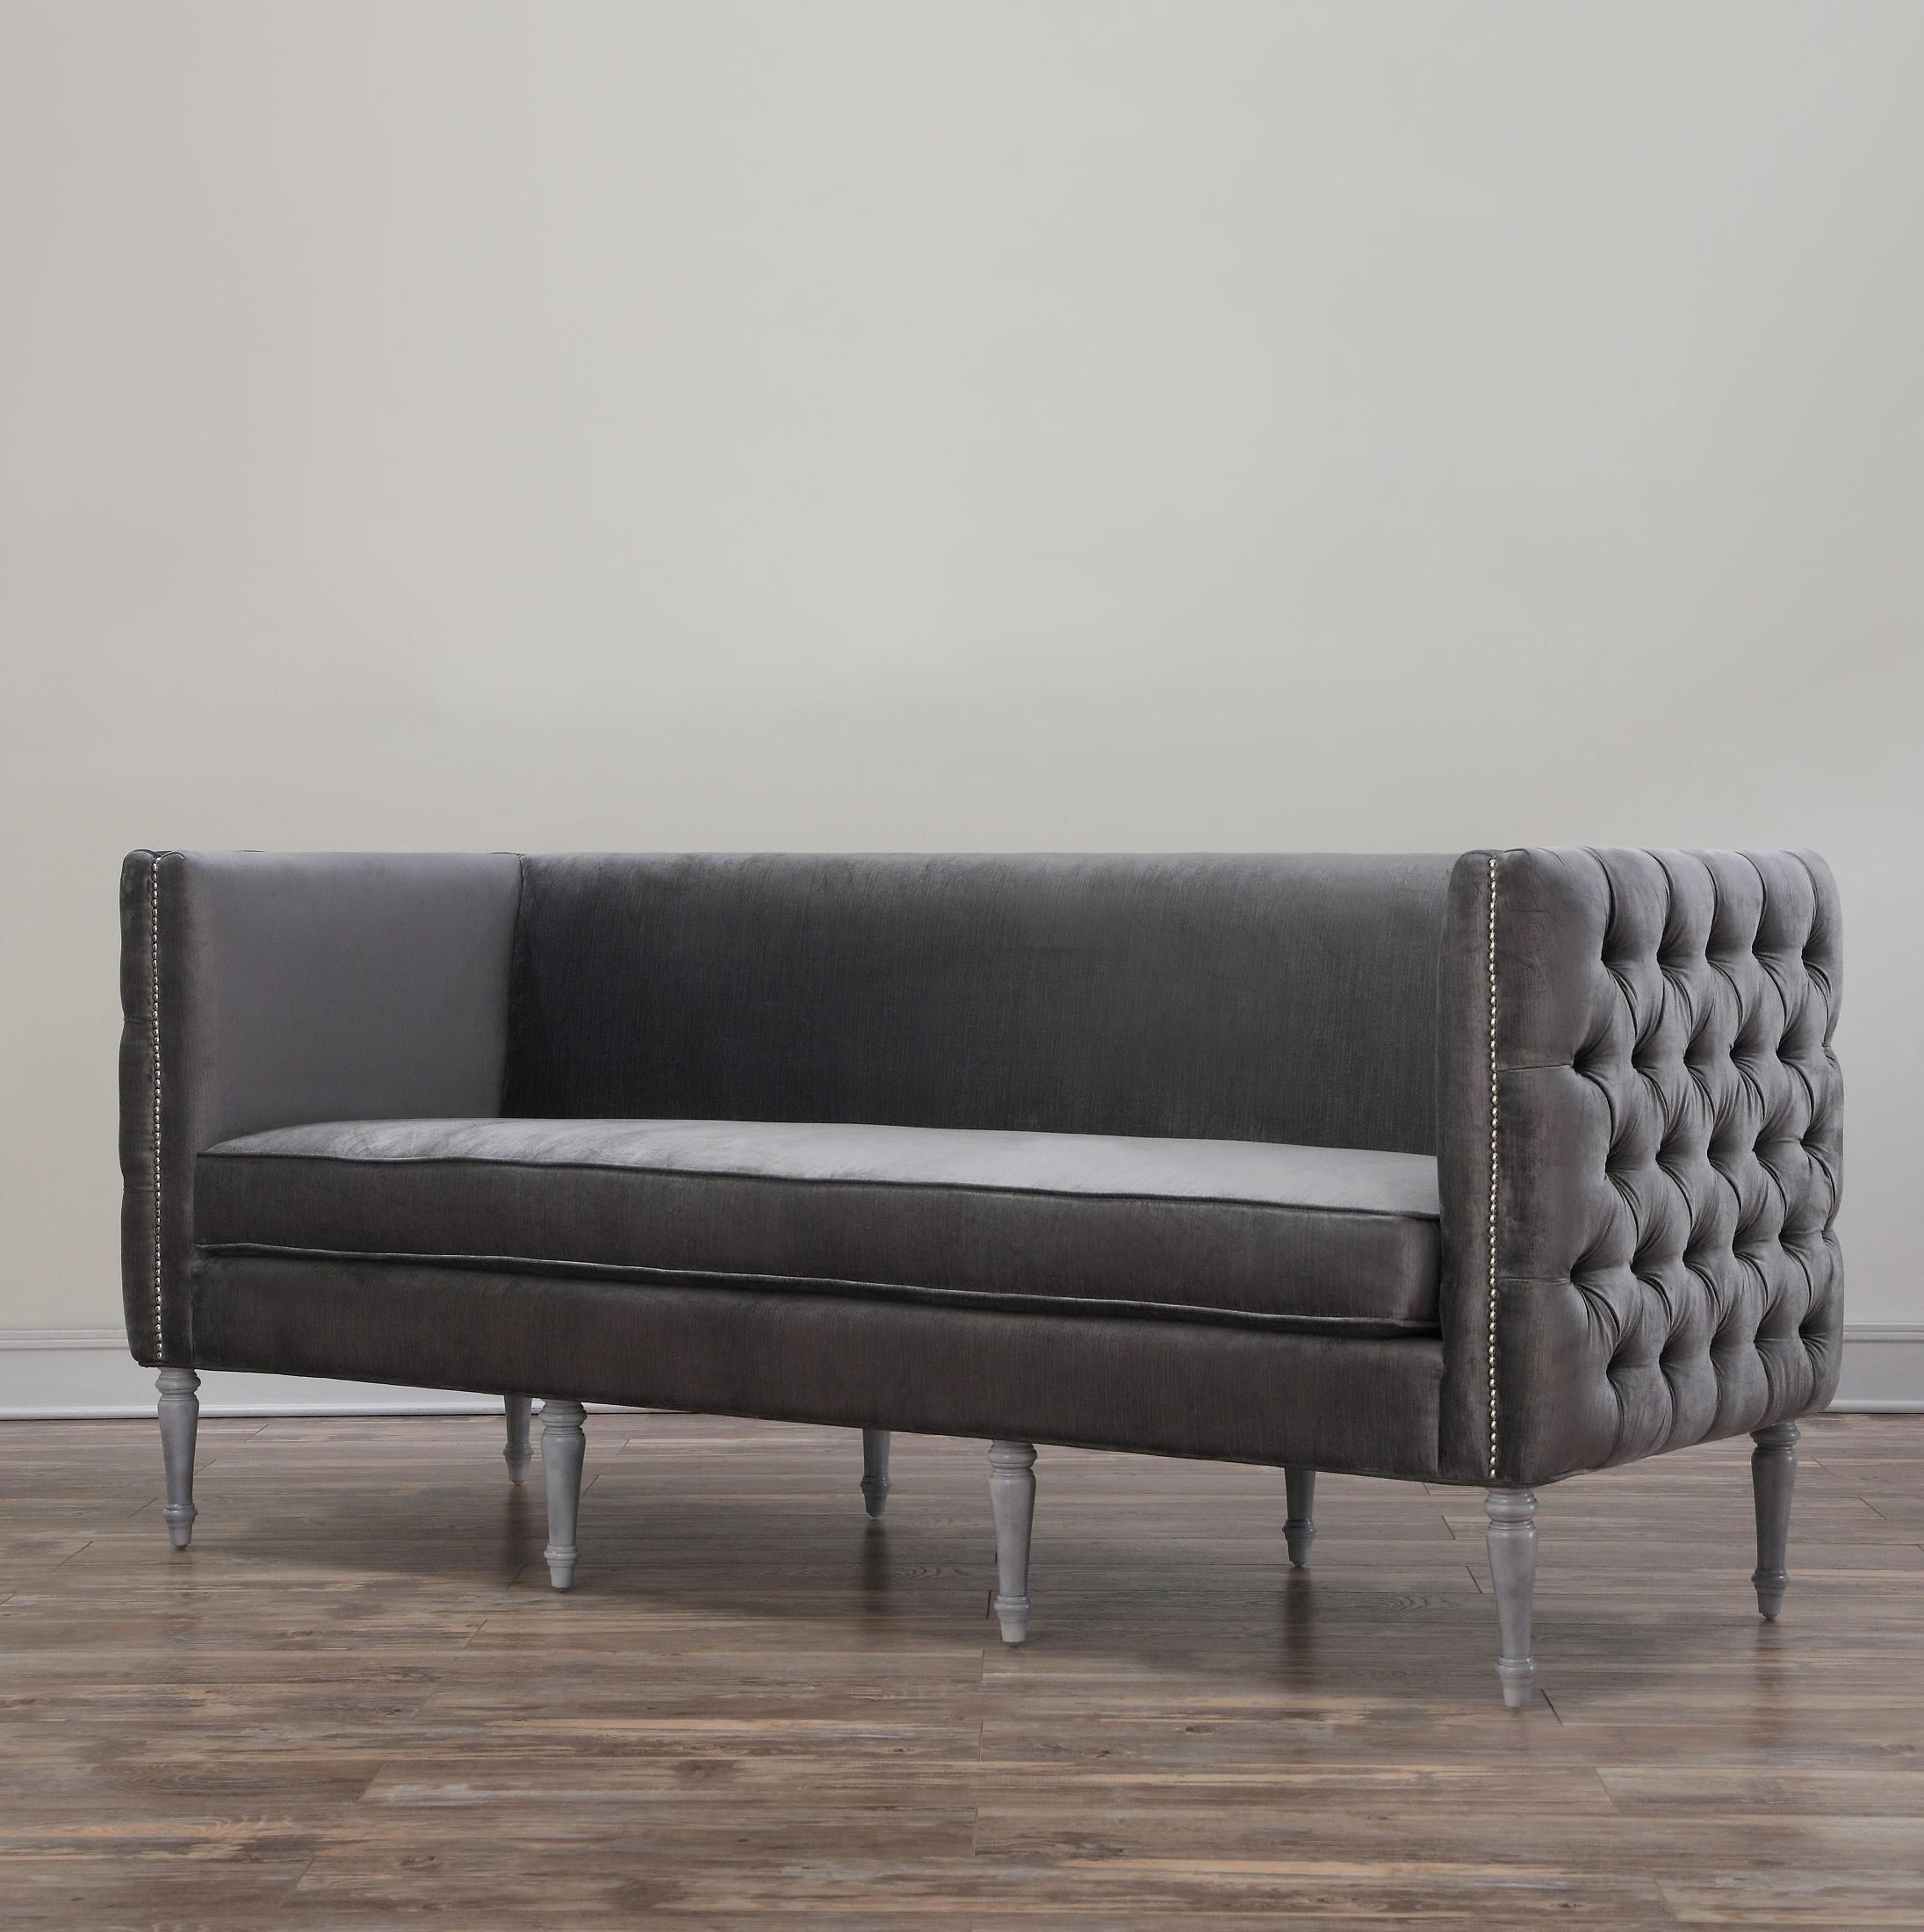 Furniture: Breathtaking Grey Velvet Sofa For Charming Home Inside Barrister Velvet Sofas (Image 14 of 20)